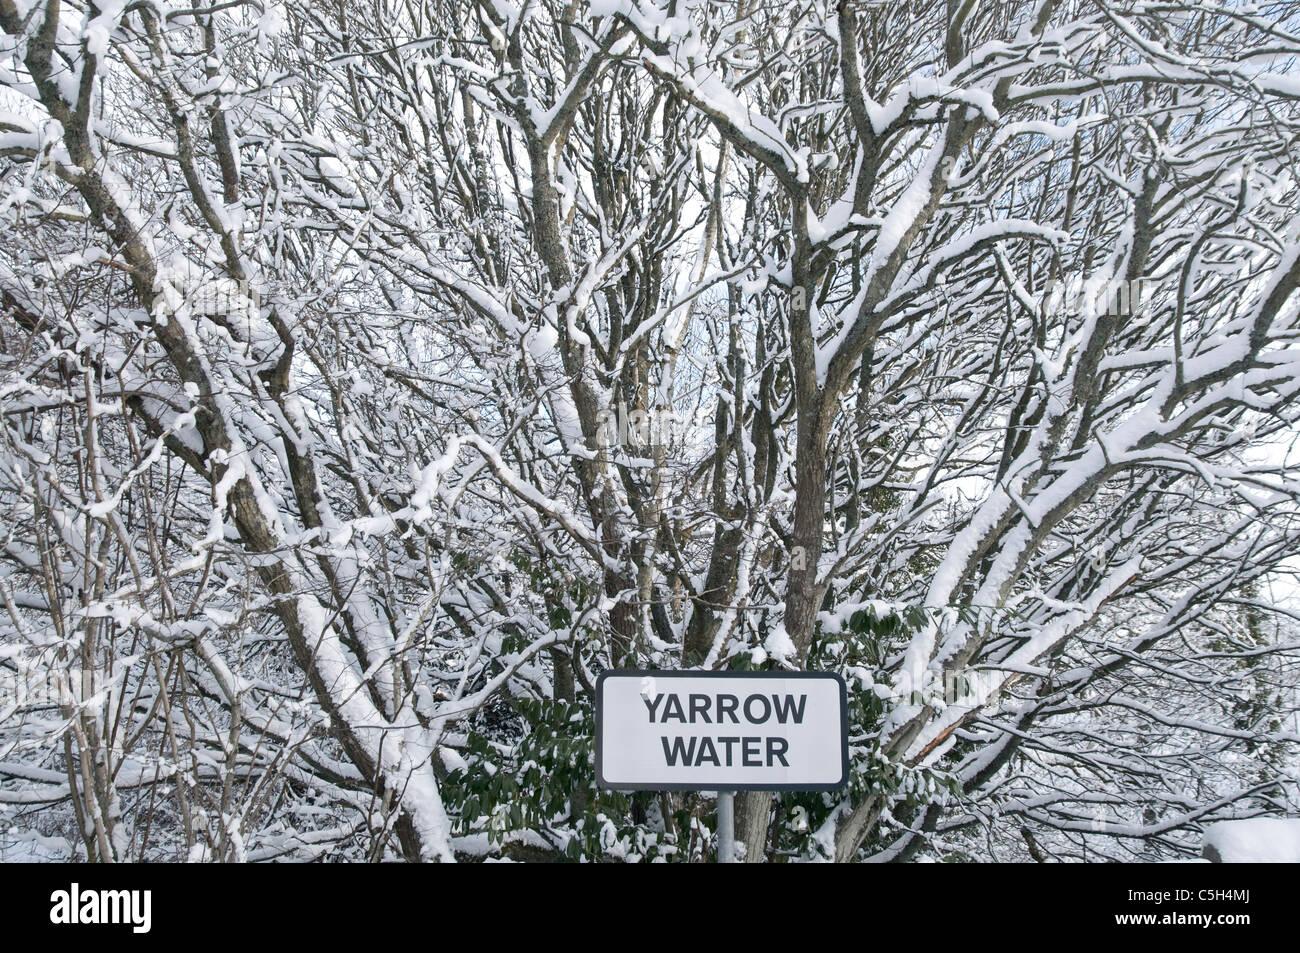 Signo de agua en Yarrow densamente cubiertas con nieve sucursales Imagen De Stock